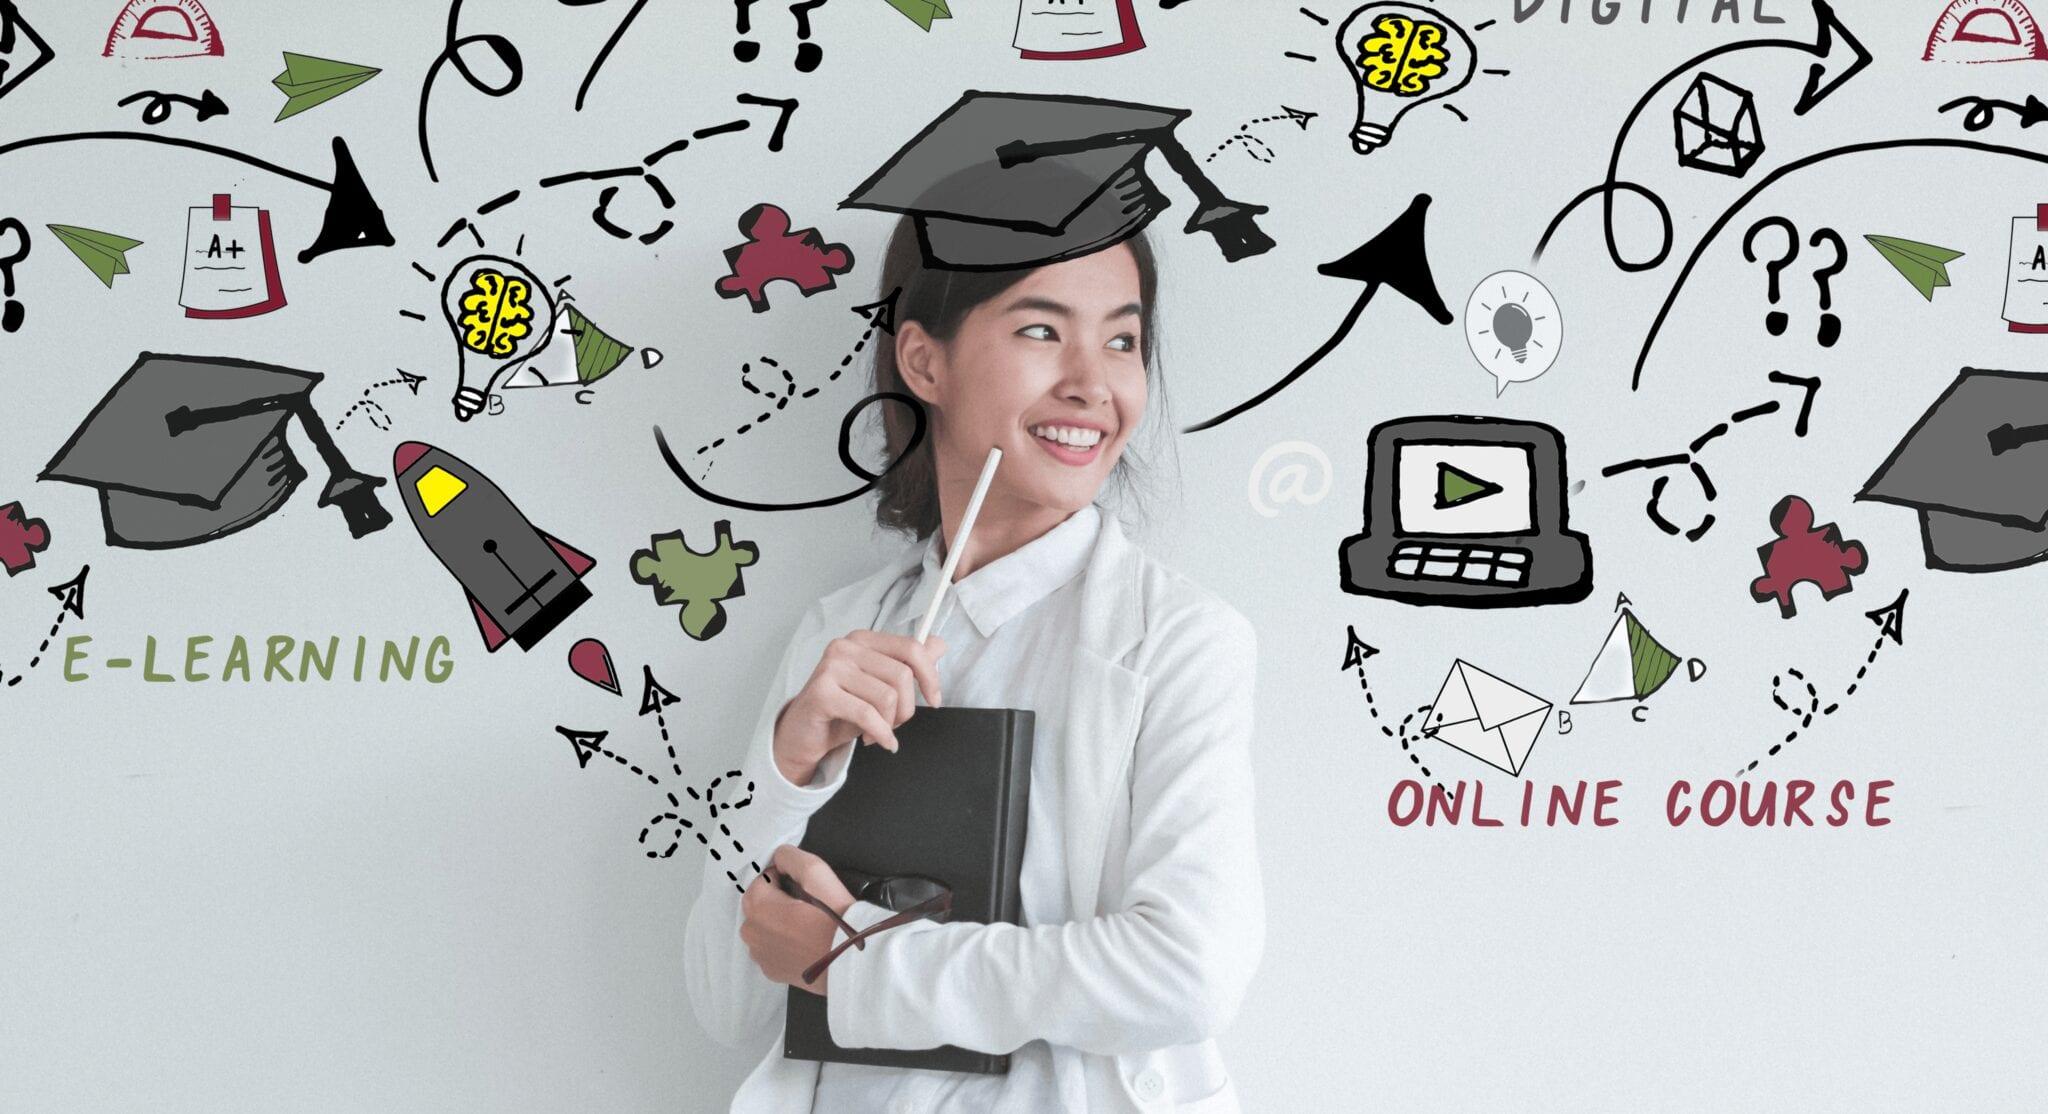 Junge Frau blickt auf weiße Wand mit Darstellungen zum Thema E-Learning.